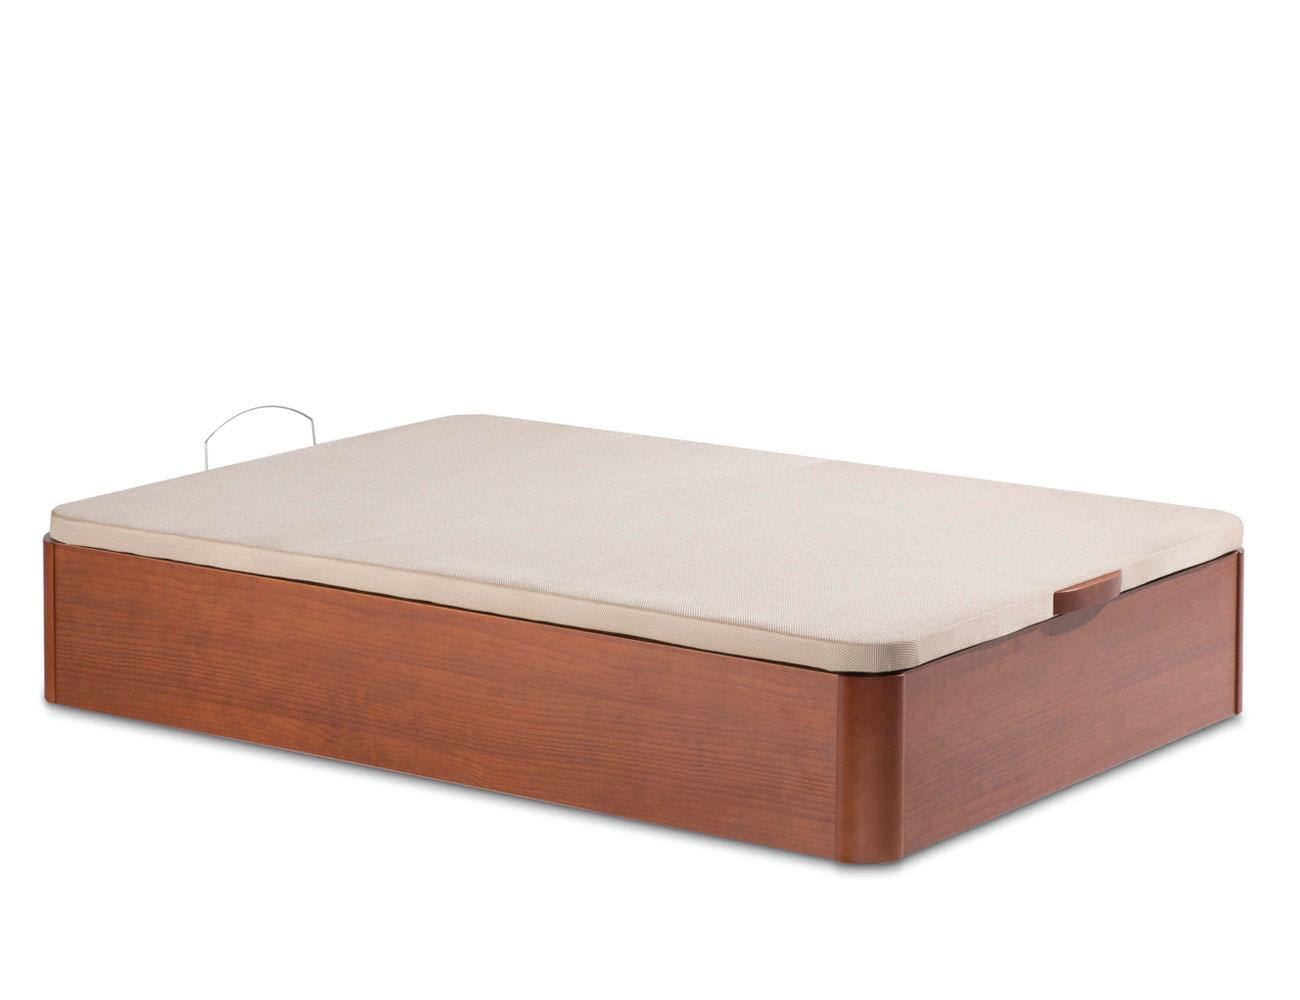 Canape madera base 3d 7313